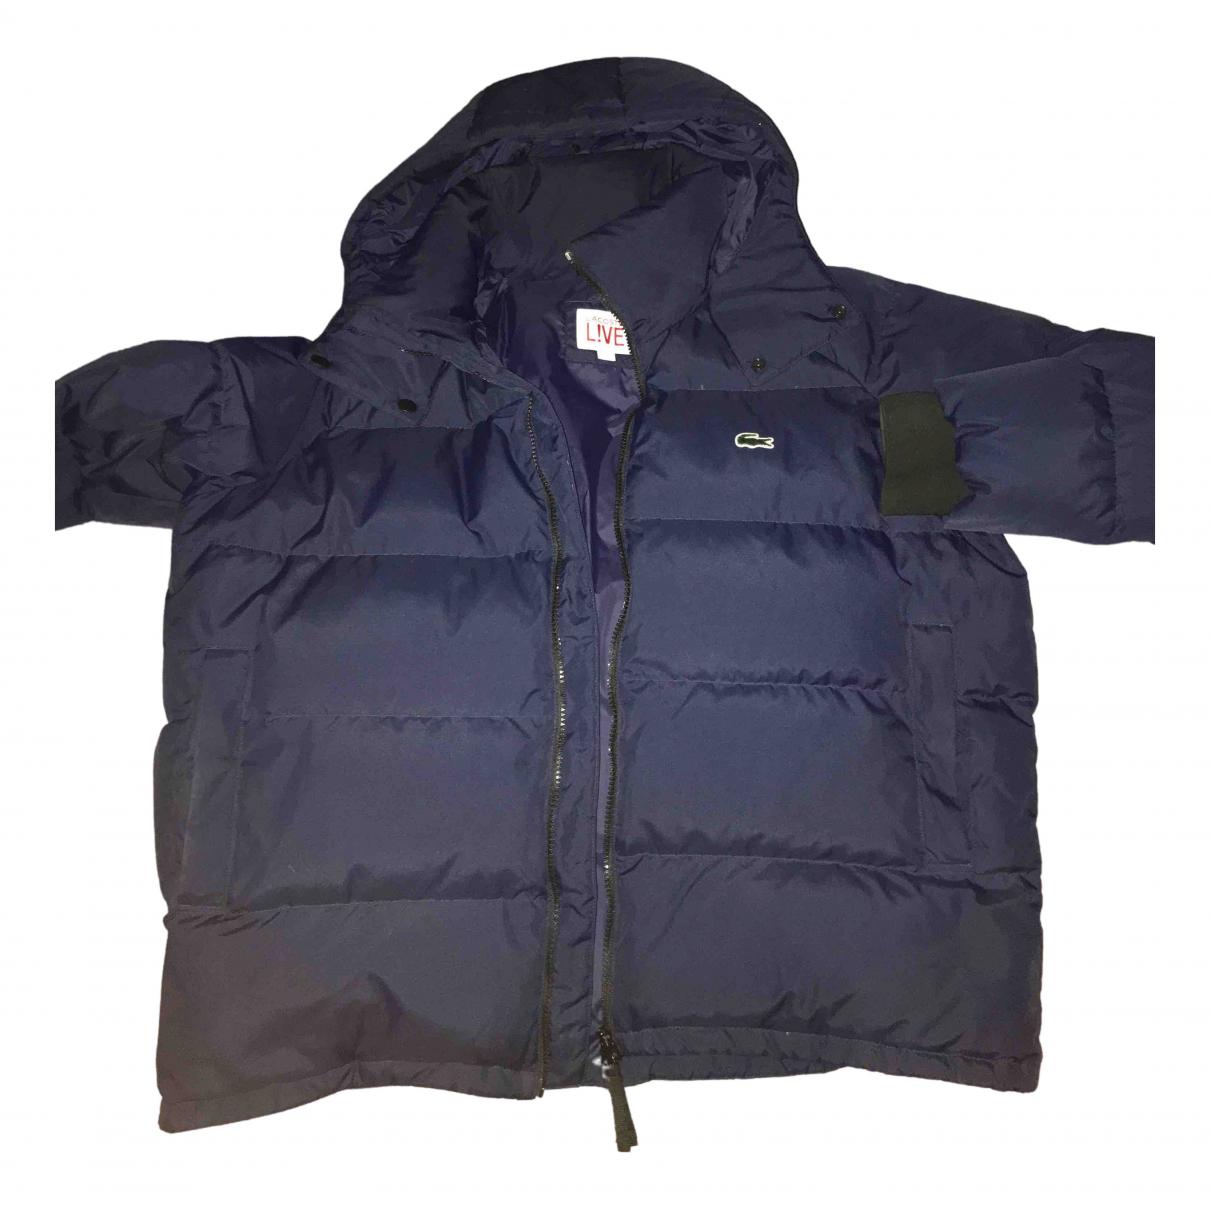 Lacoste - Manteau   pour homme - bleu